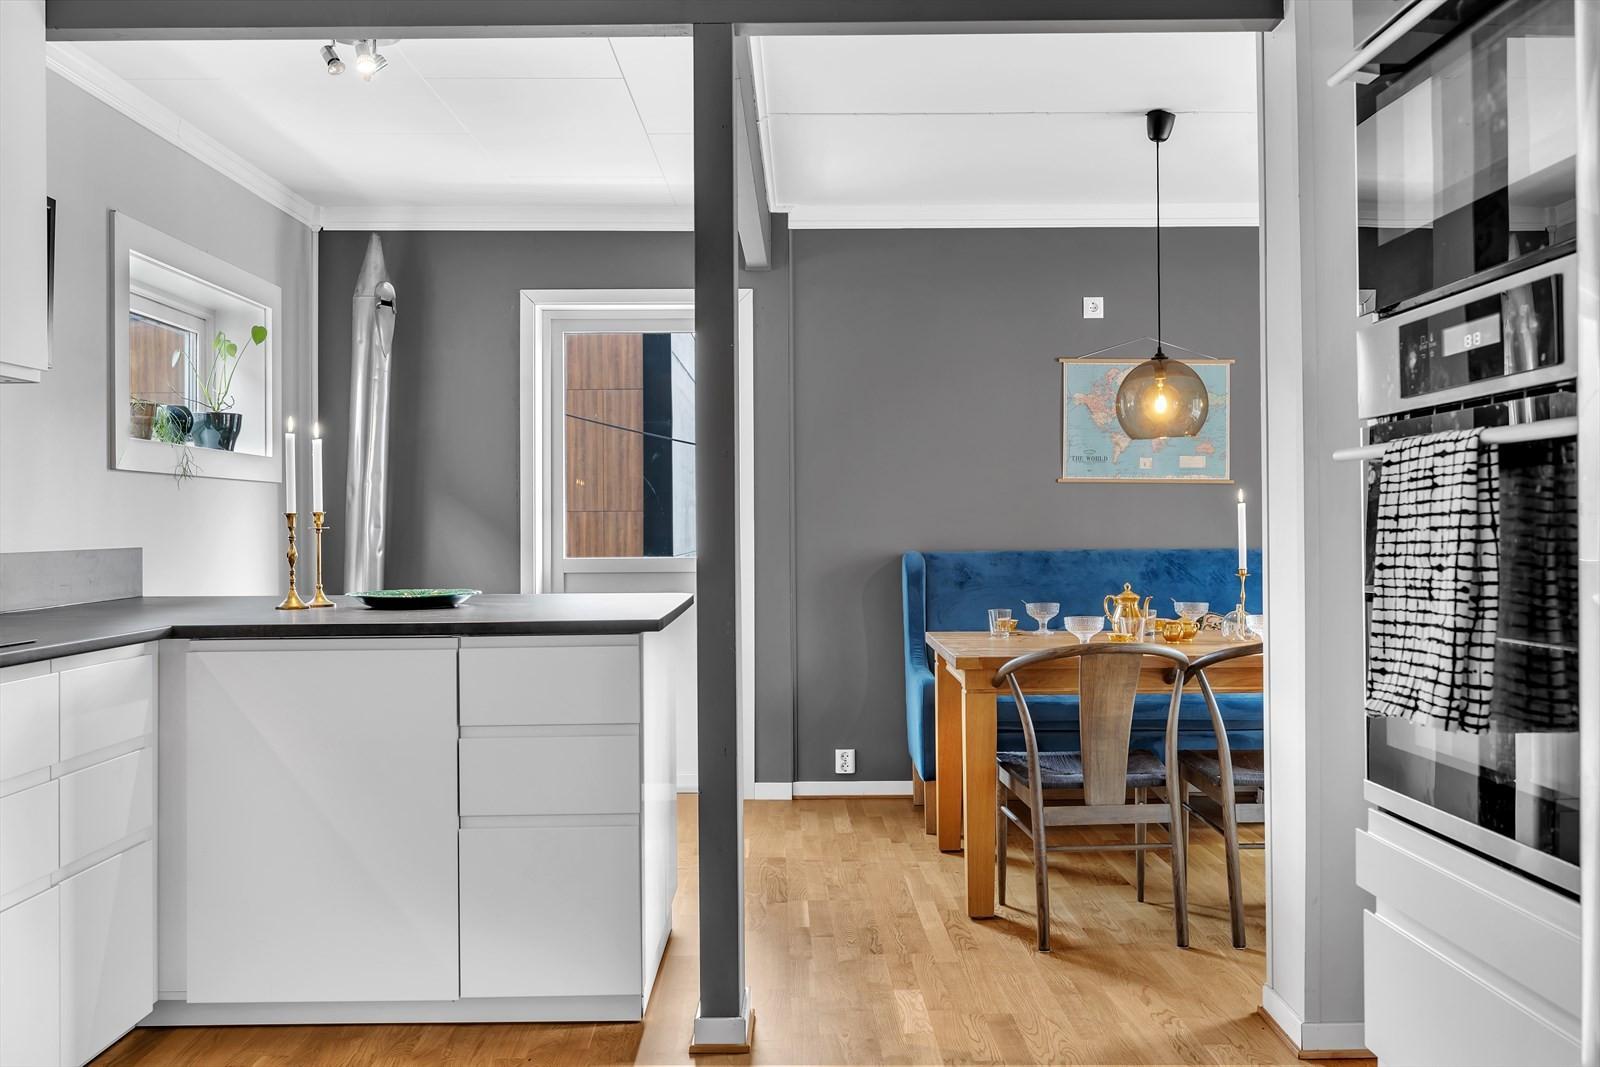 Åpen løsning mot et lekkert kjøkken